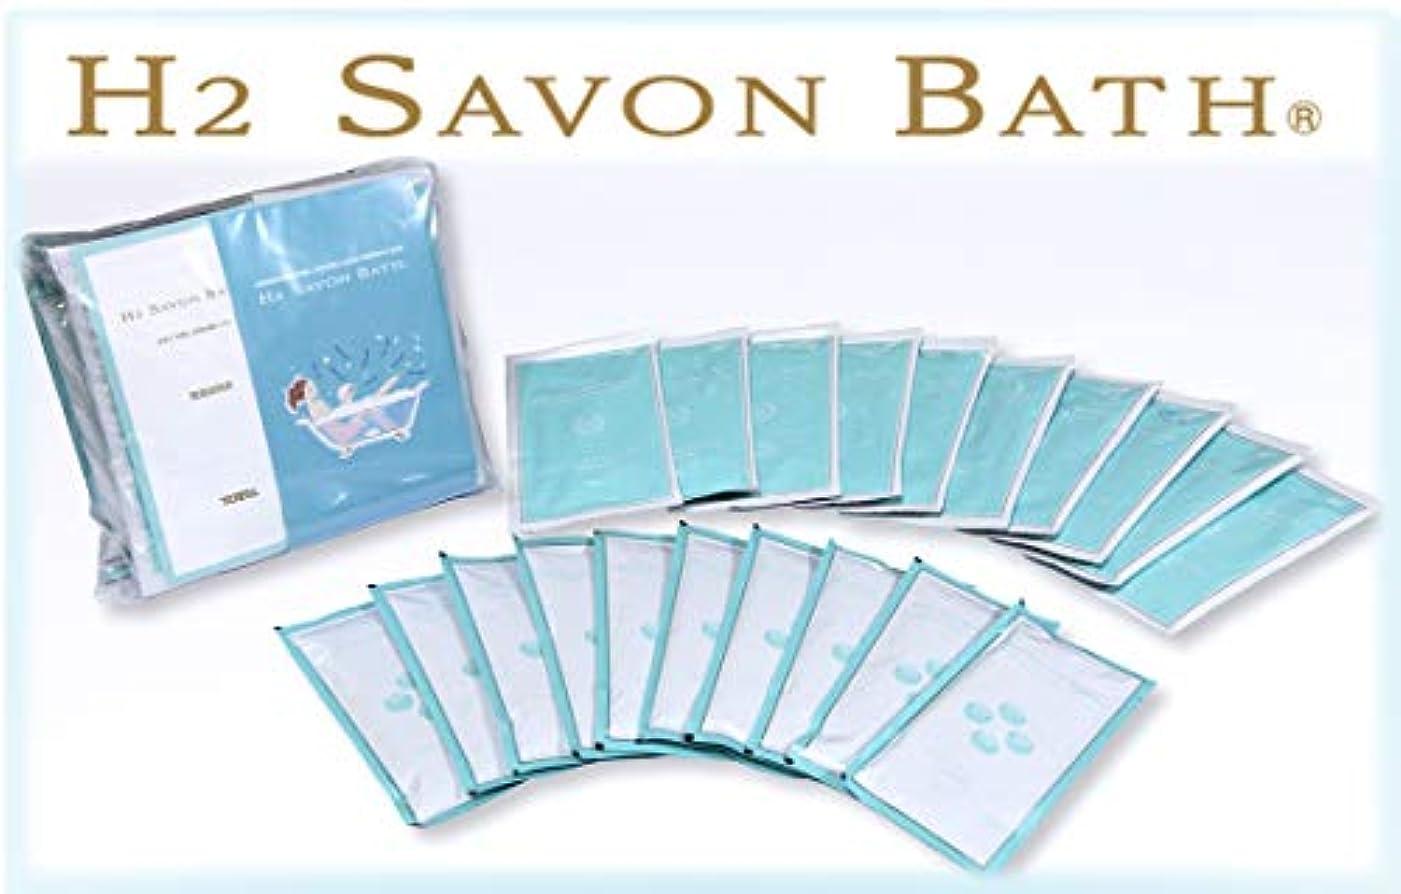 敵対的敬意を表する病なH2 SAVON BATH(水素シャボンバス) 【1回分350円 徳用10回分入?専用ケース無し】